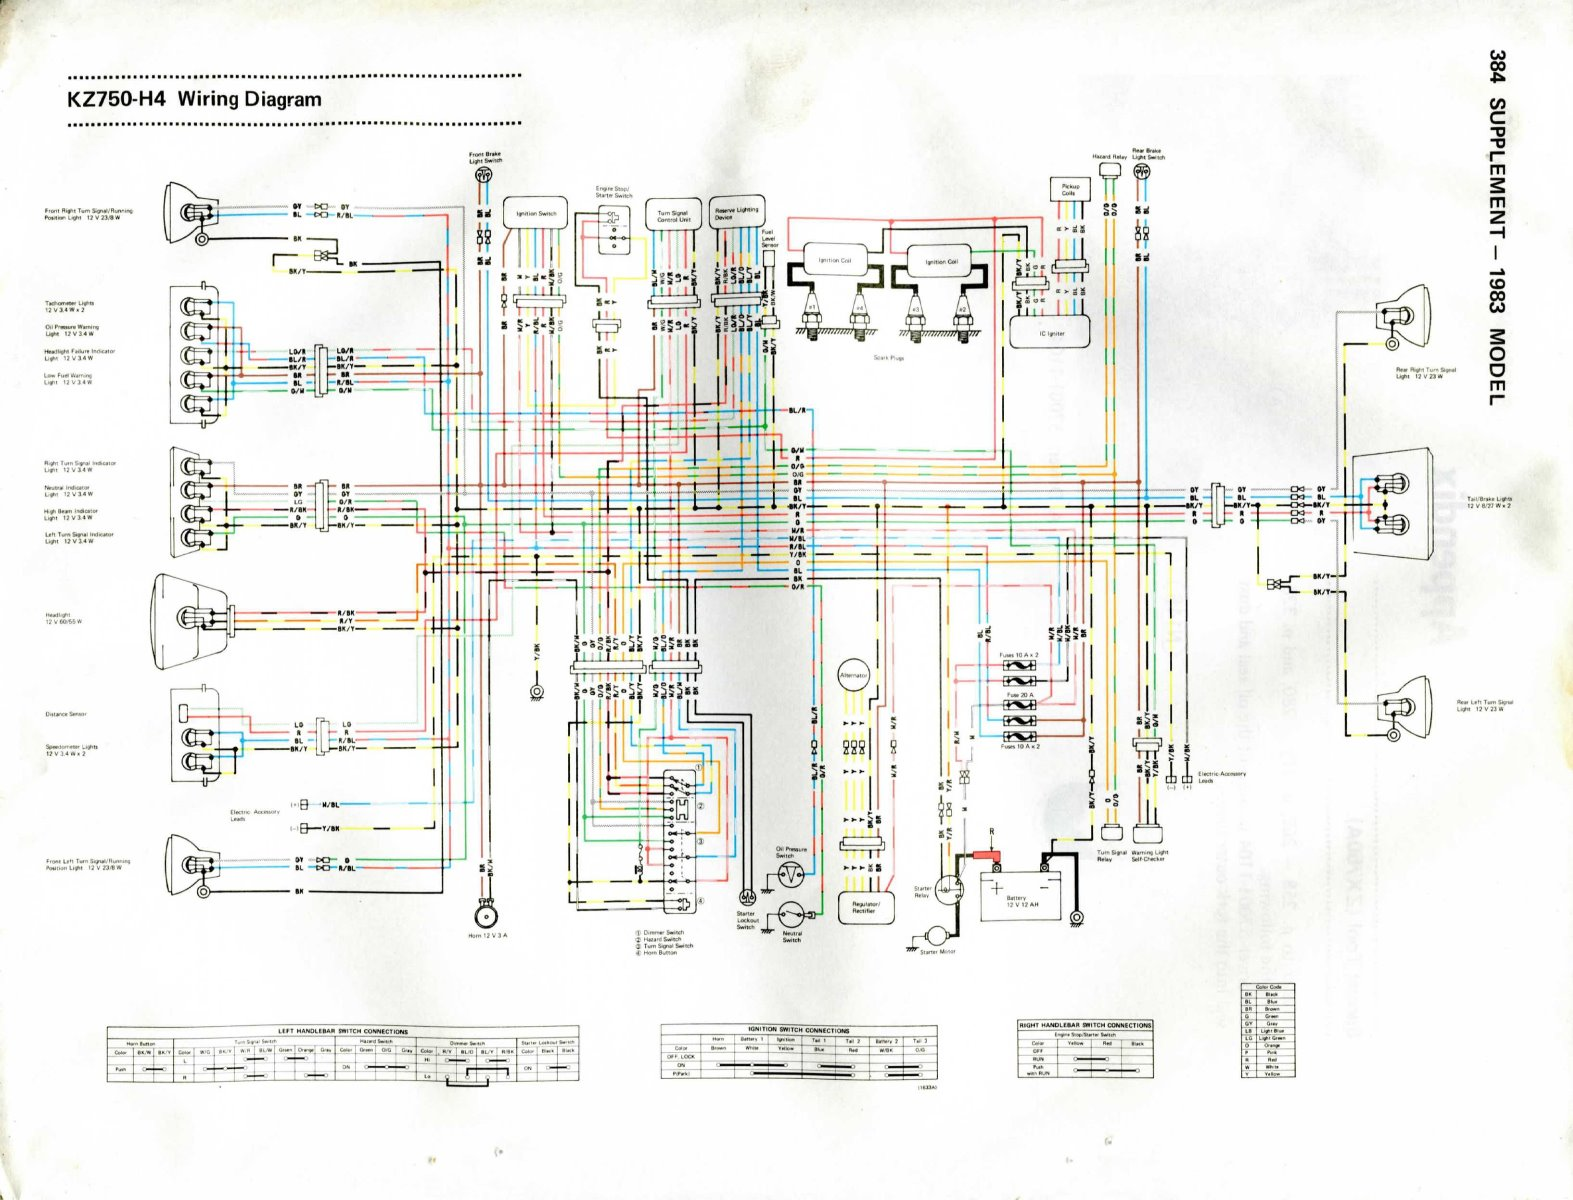 [SCHEMATICS_4ER]  WANTED: an '84 KZ750LTD wiring diagram - KZRider Forum - KZRider, KZ, Z1 &  Z Motorcycle Enthusiast's Forum | Kz750 Four Wiring Diagram |  | KZRider